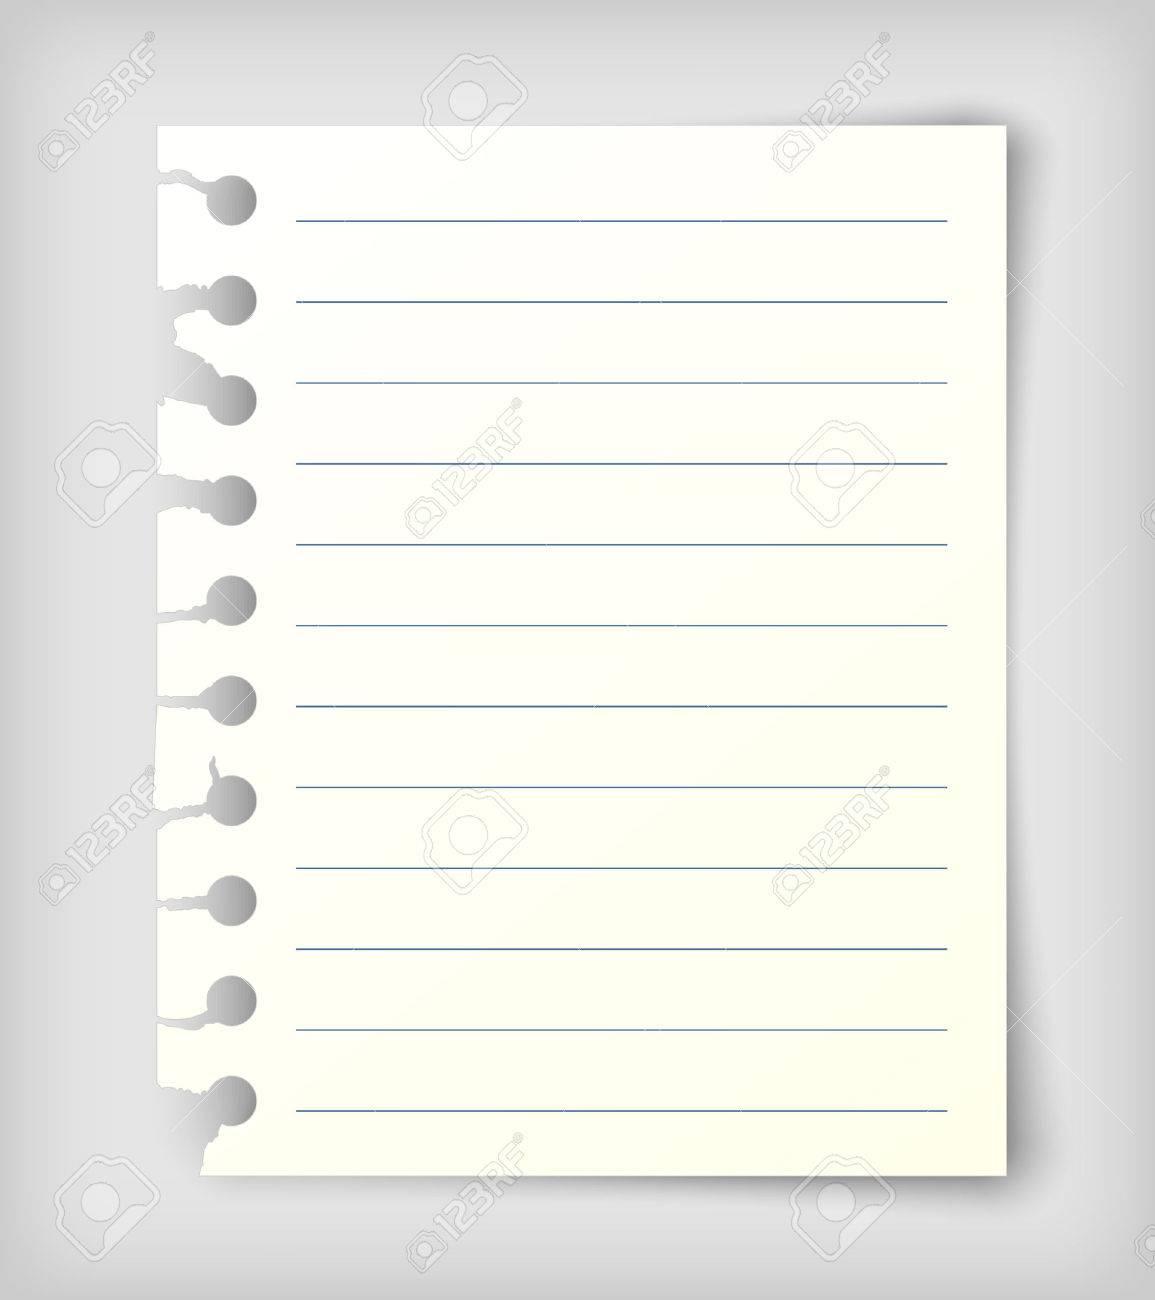 Petite Feuille De Papier À Lettre Avec Des Lignes. Réaliste Illustration  Vectorielle. destiné Feuille Ligne Lettre